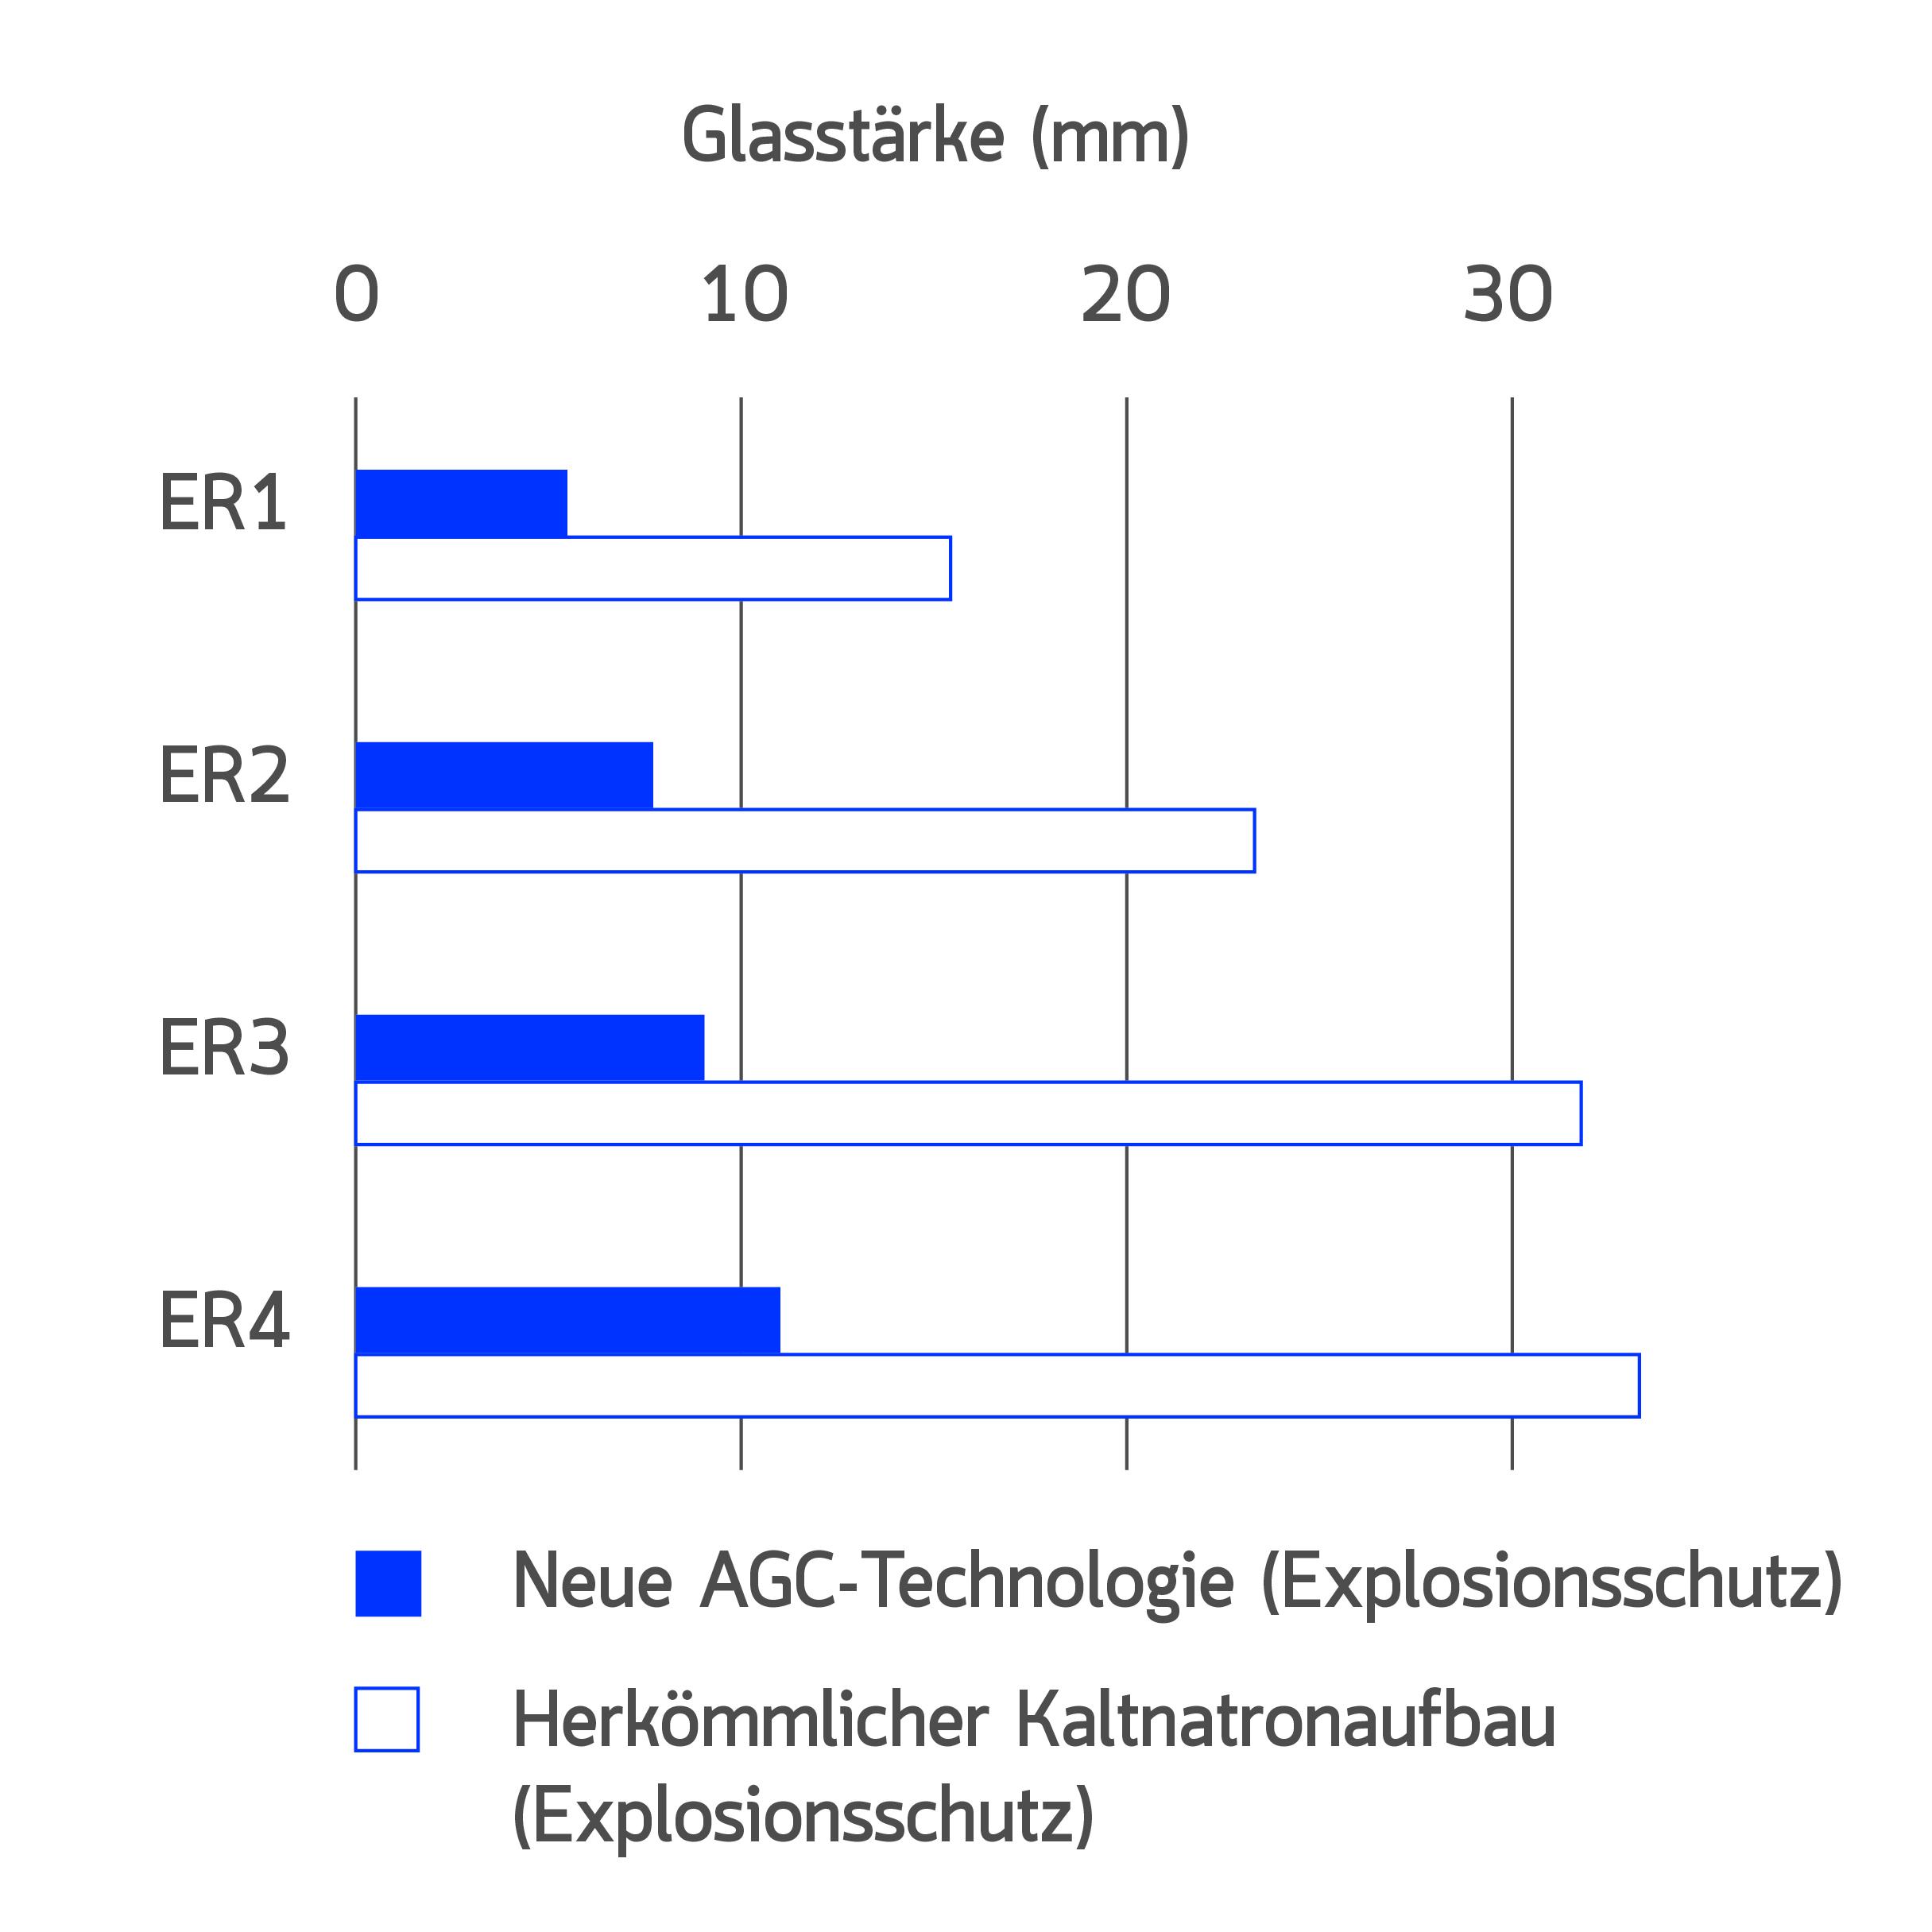 Vakuum-Isolierglas und  Explosionsschutz-Dünnglas